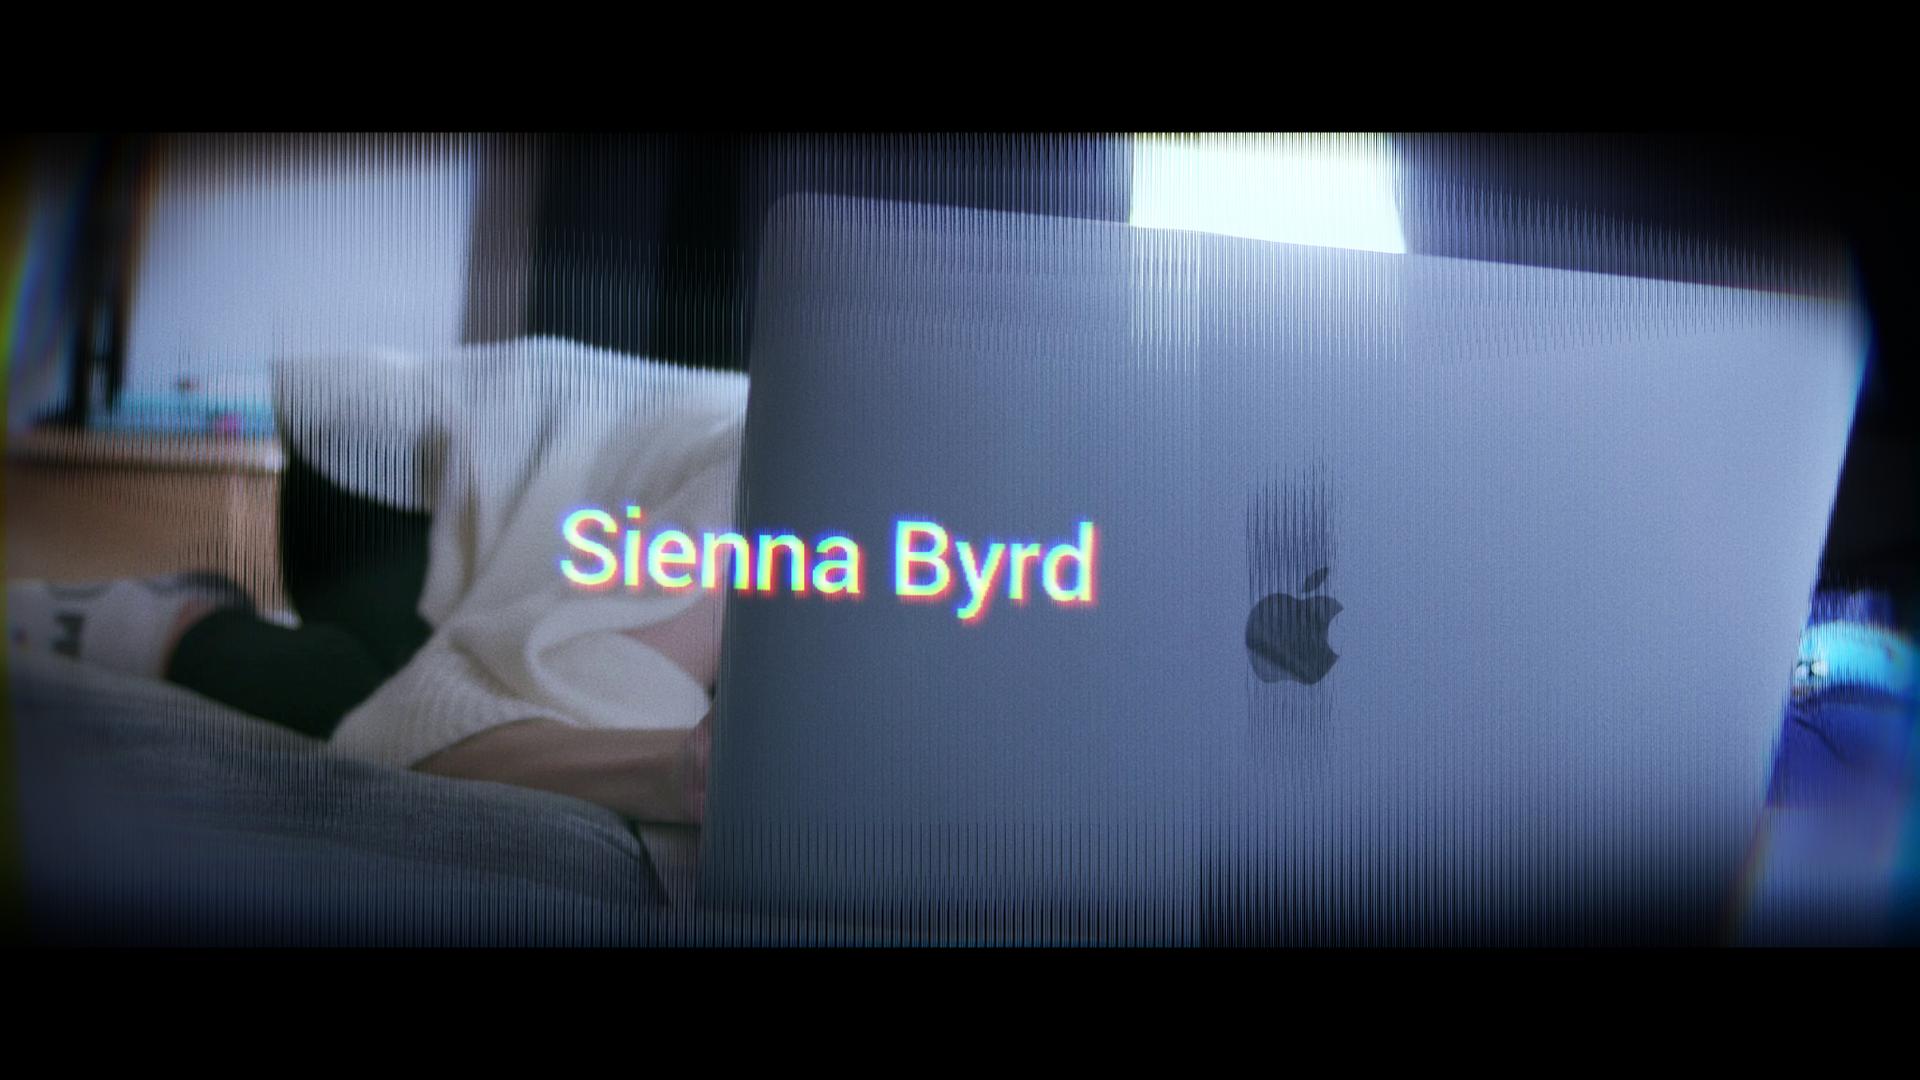 Sienna Byrd